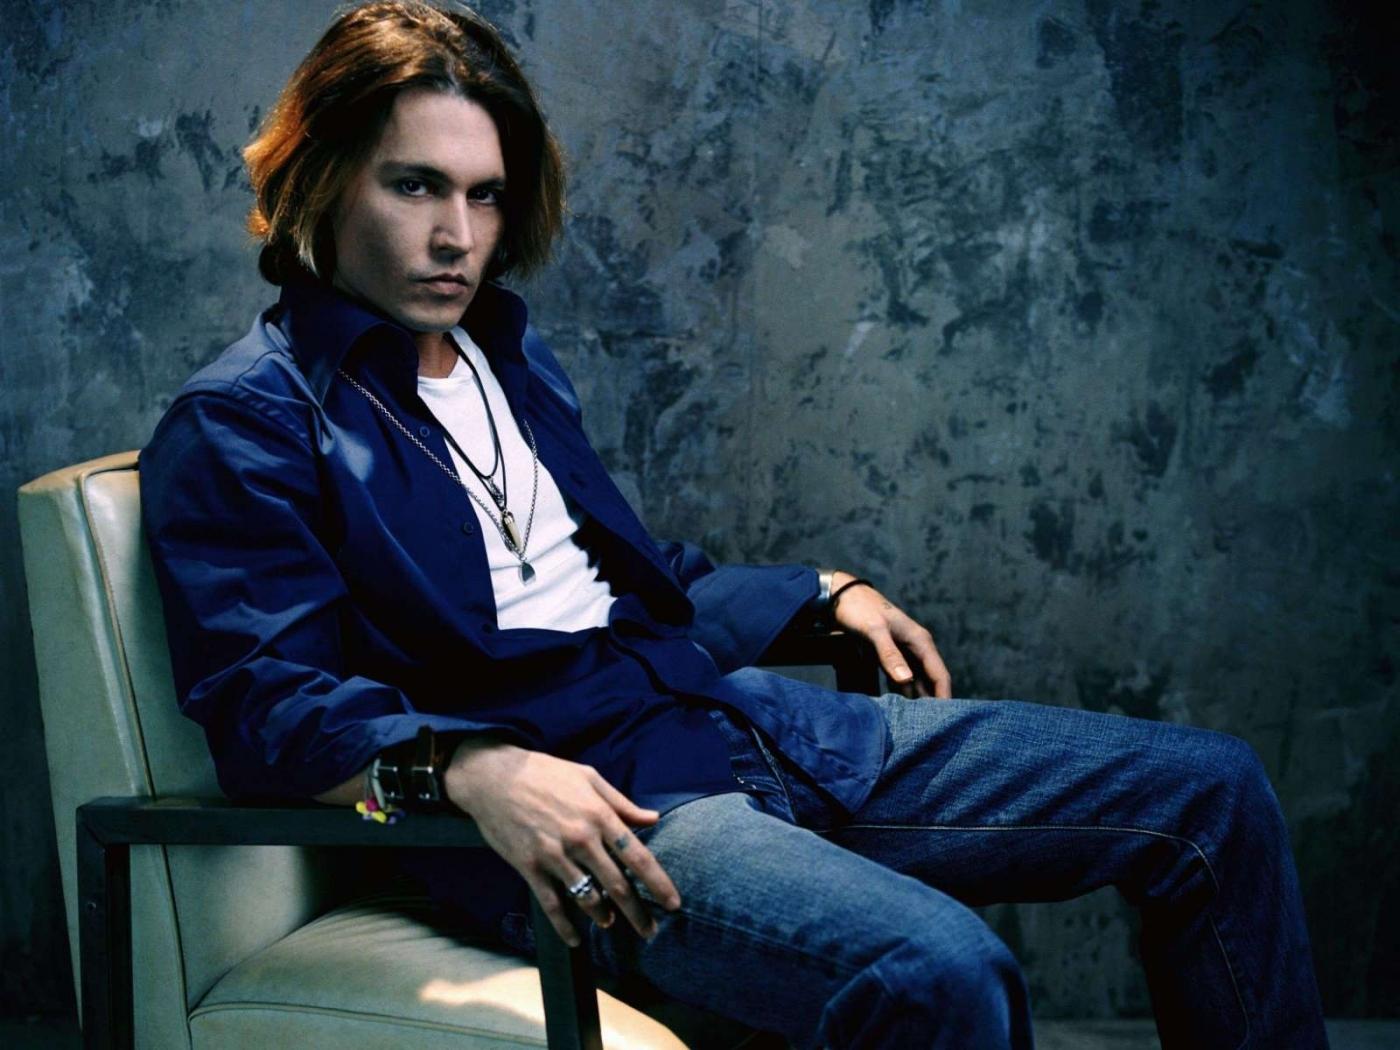 23550 Заставки и Обои Джонни Депп (Johnny Depp) на телефон. Скачать Люди, Актеры, Мужчины, Джонни Депп (Johnny Depp) картинки бесплатно